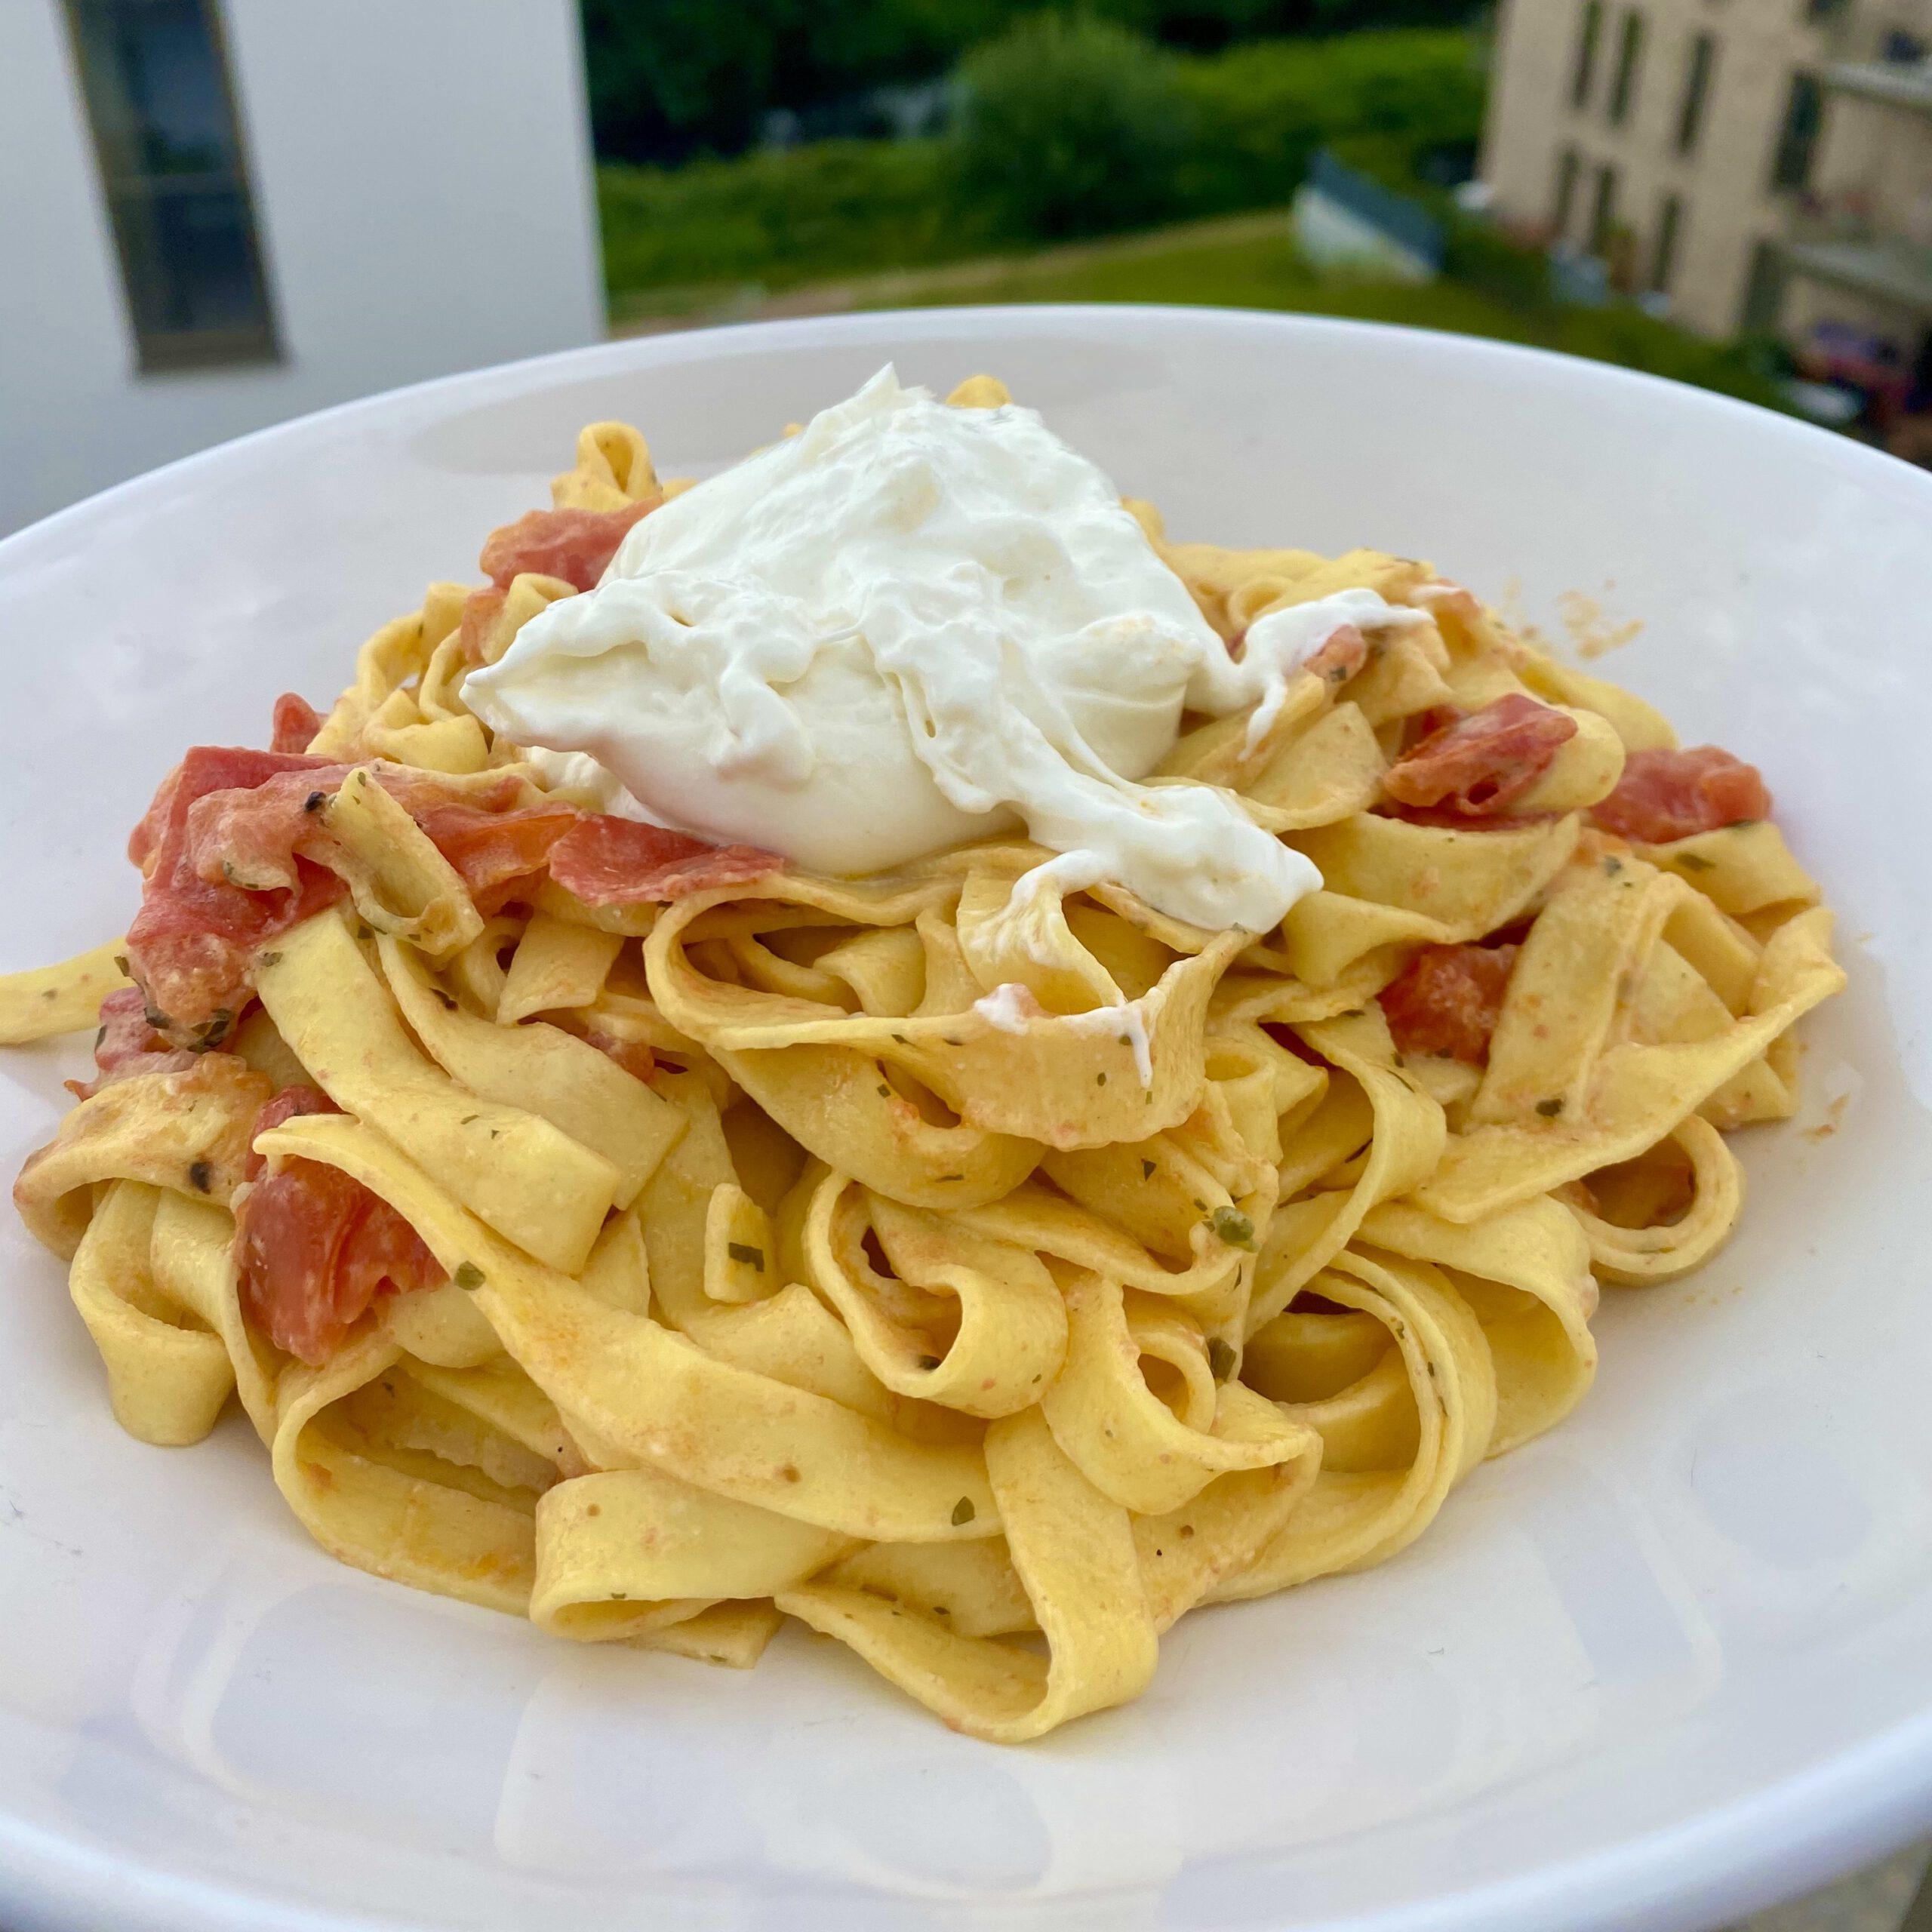 Tagliatelle mit Burrata und Tomaten in Weißwein-Soße: ein einfaches Rezept für leckere und cremige Pasta